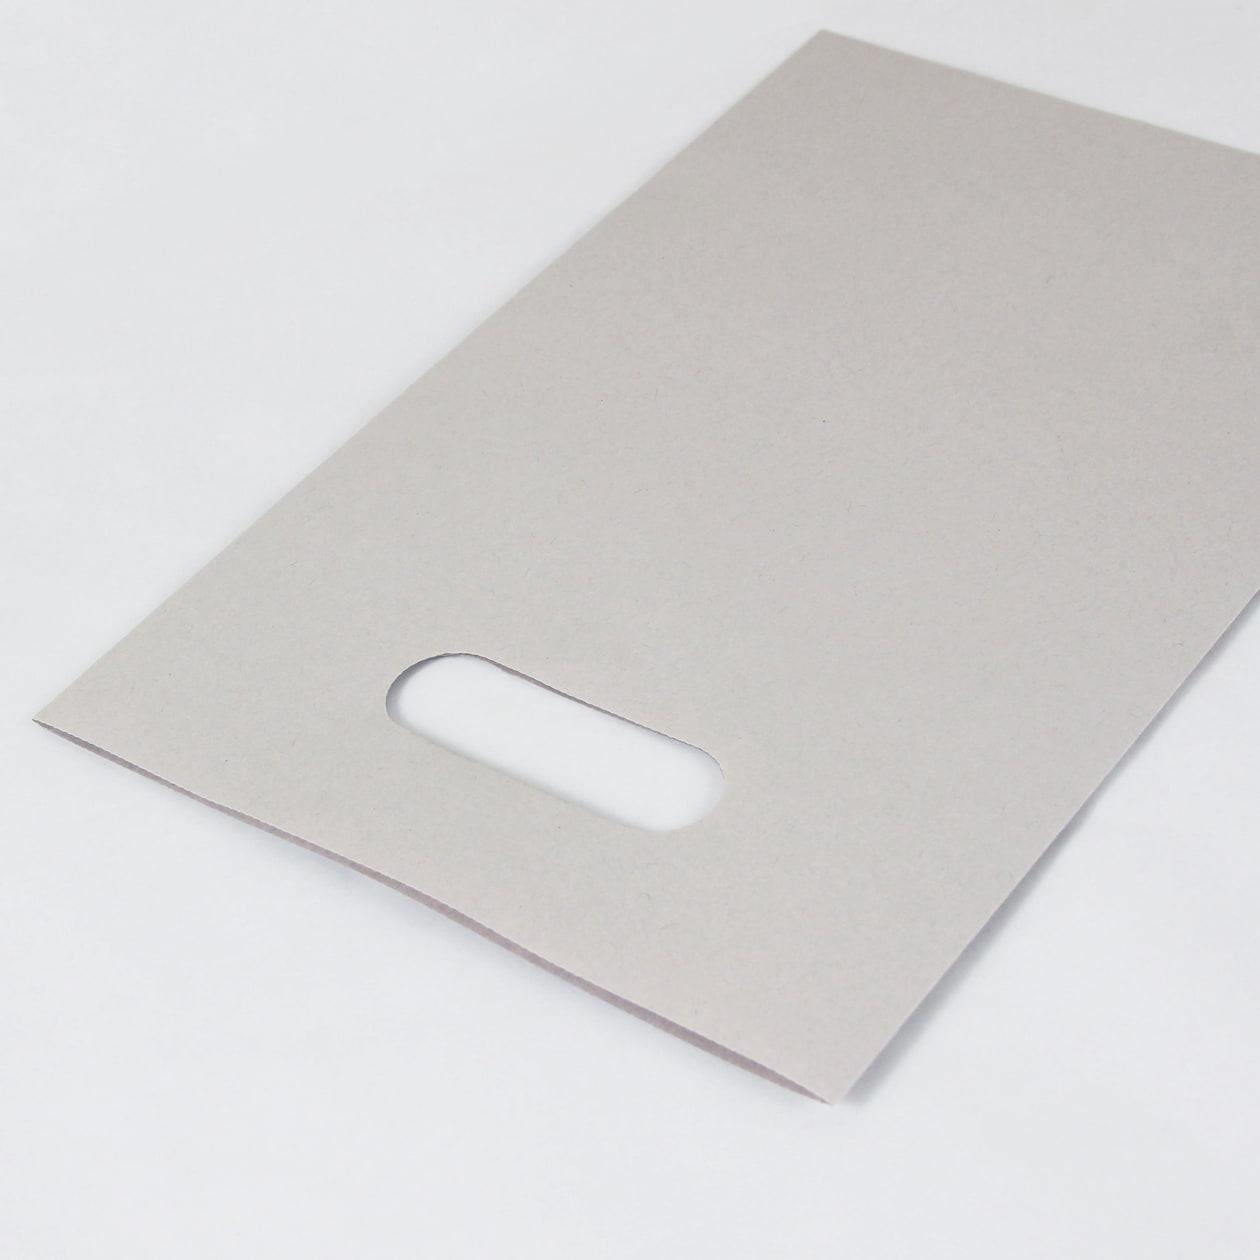 平袋A5用持ち手付 HAGURUMA Basic ライナーグレイ 100g